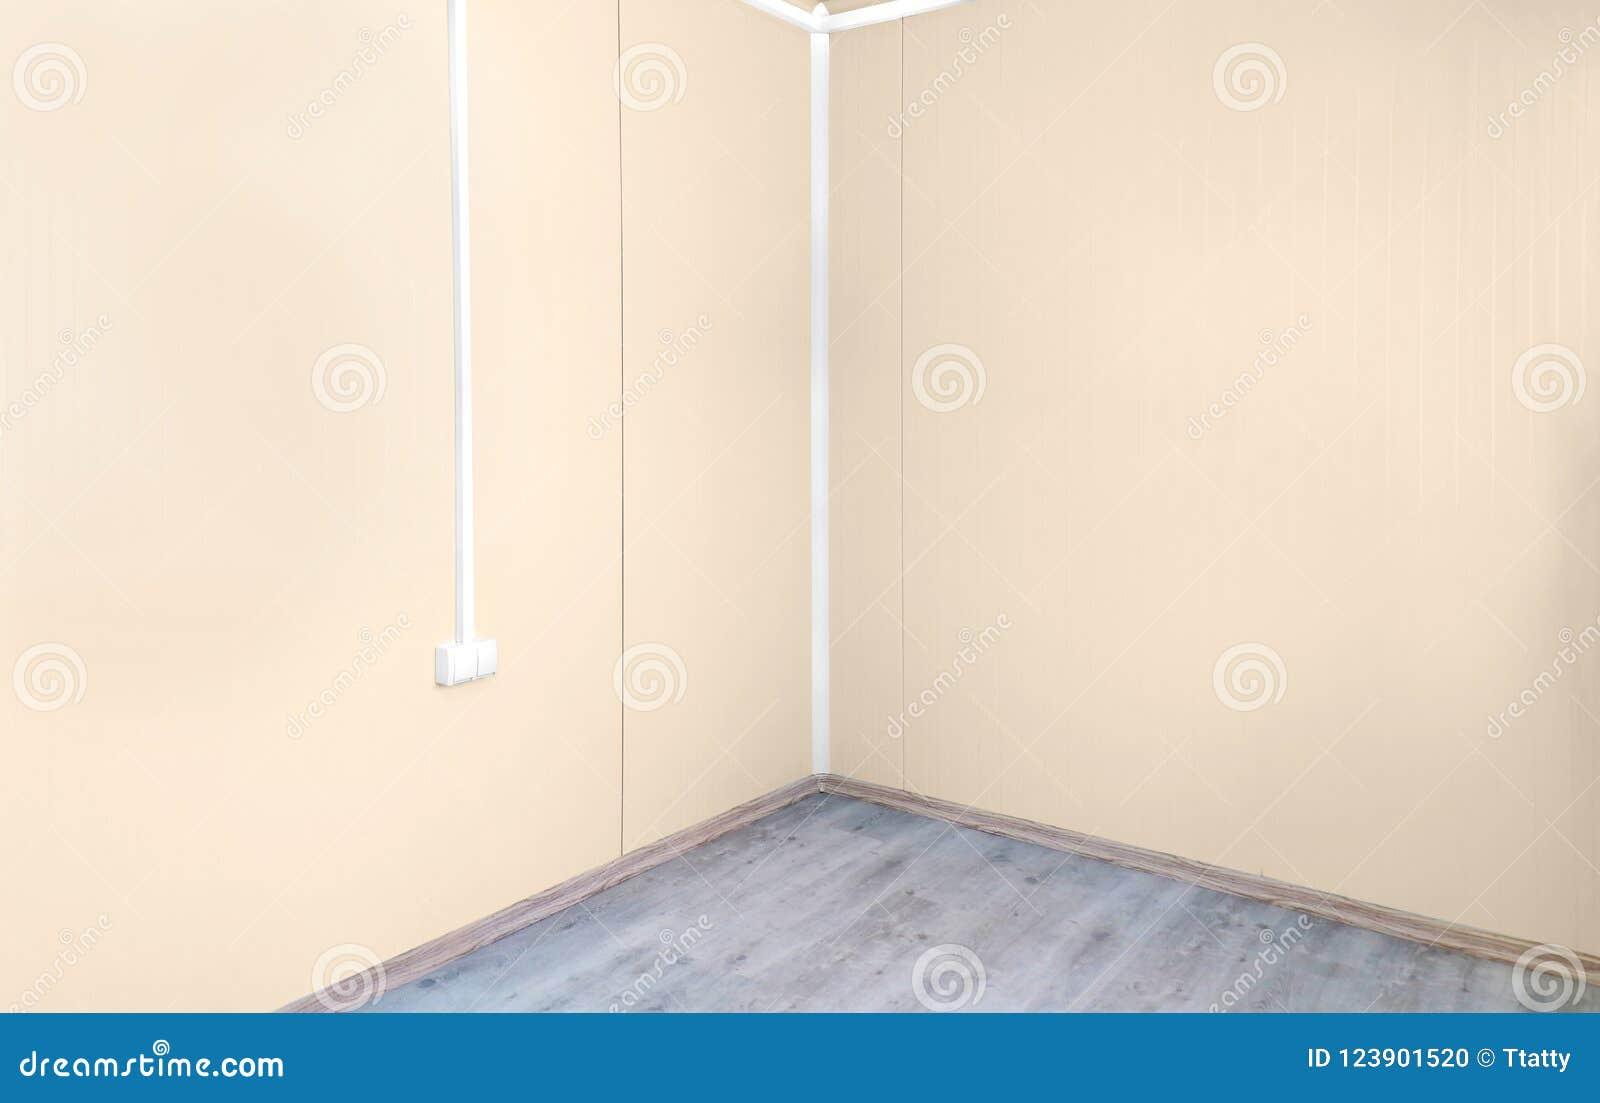 Murs vides de coin de pièce